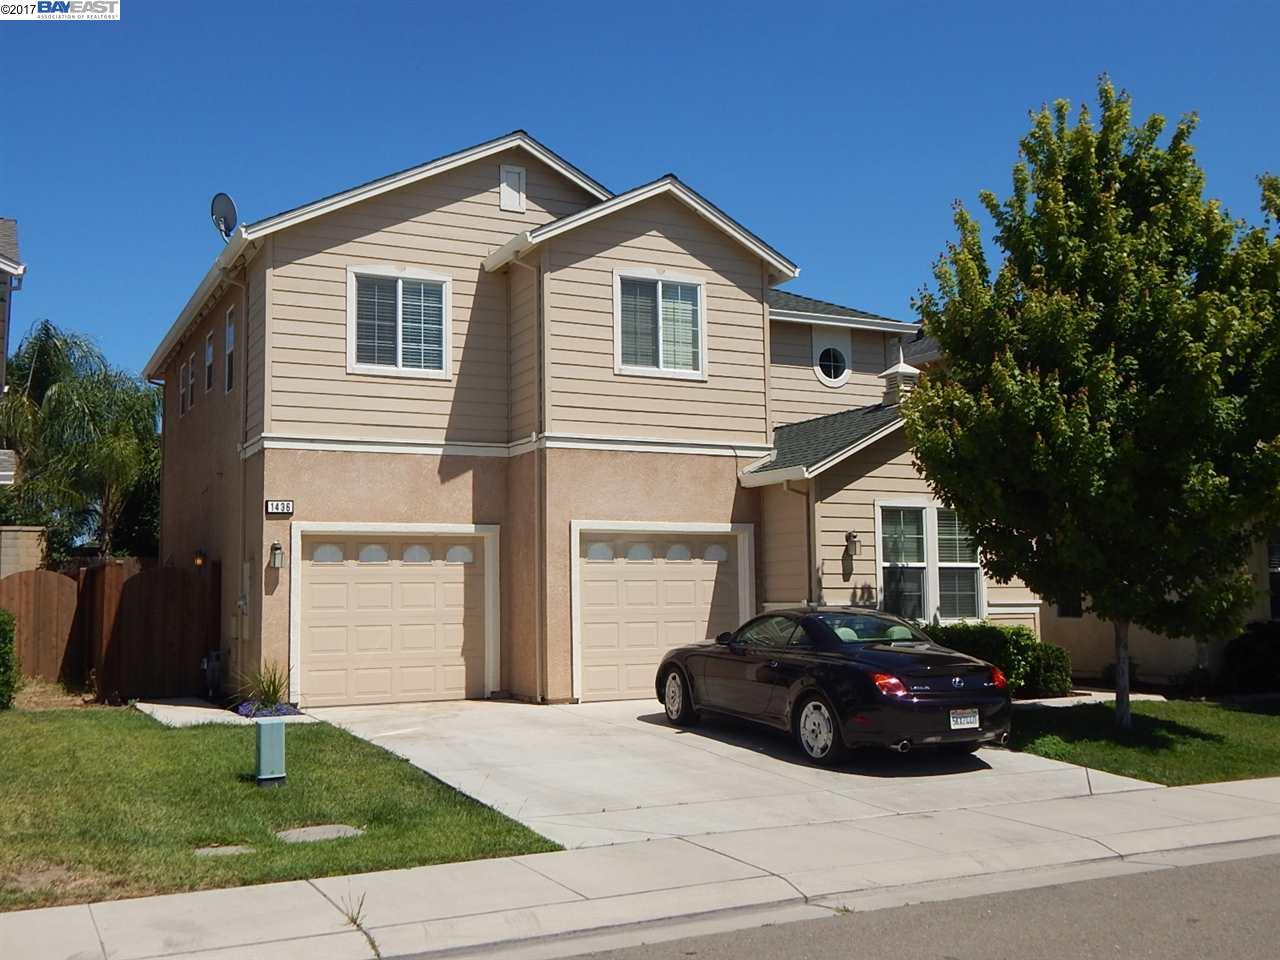 一戸建て のために 売買 アット 1436 Summerwind Lane Manteca, カリフォルニア 95337 アメリカ合衆国